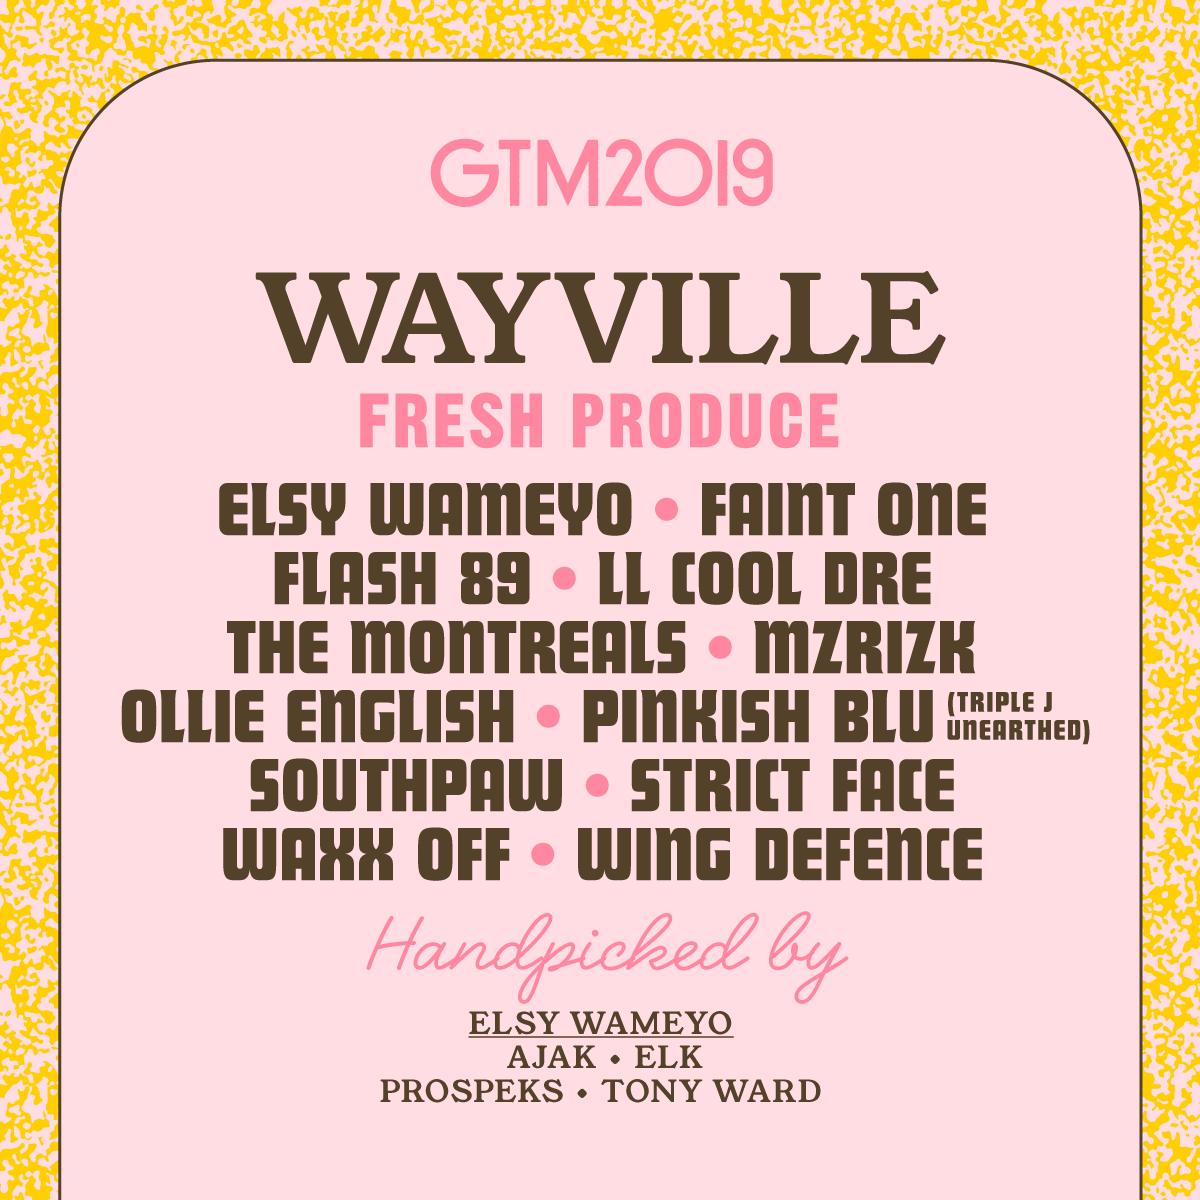 GTM Wayville